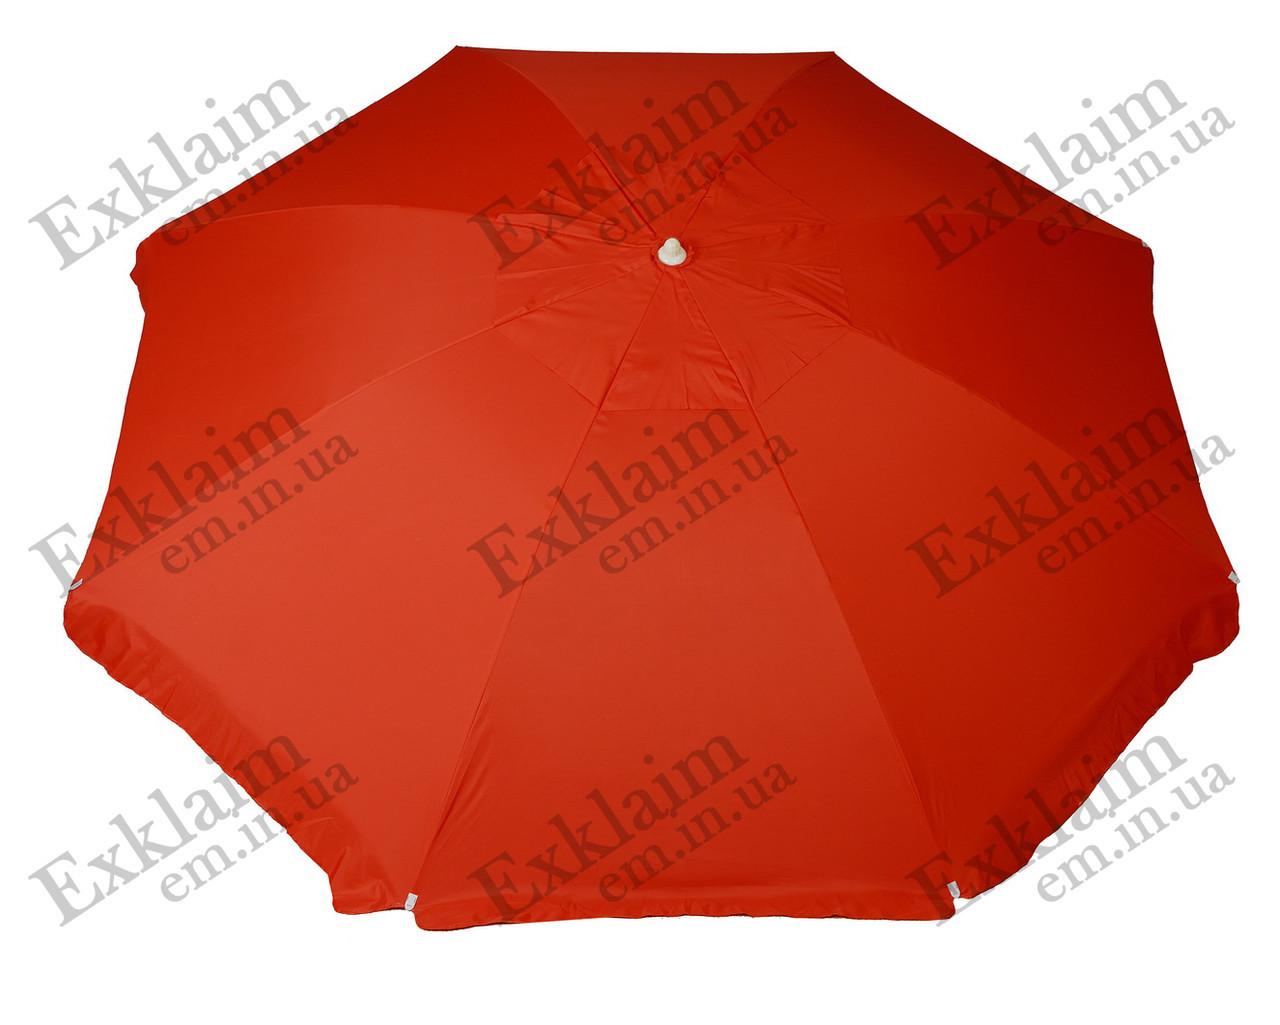 Садові парасольки 3.50 метра 6 спиць (червоні) з щільної тканини